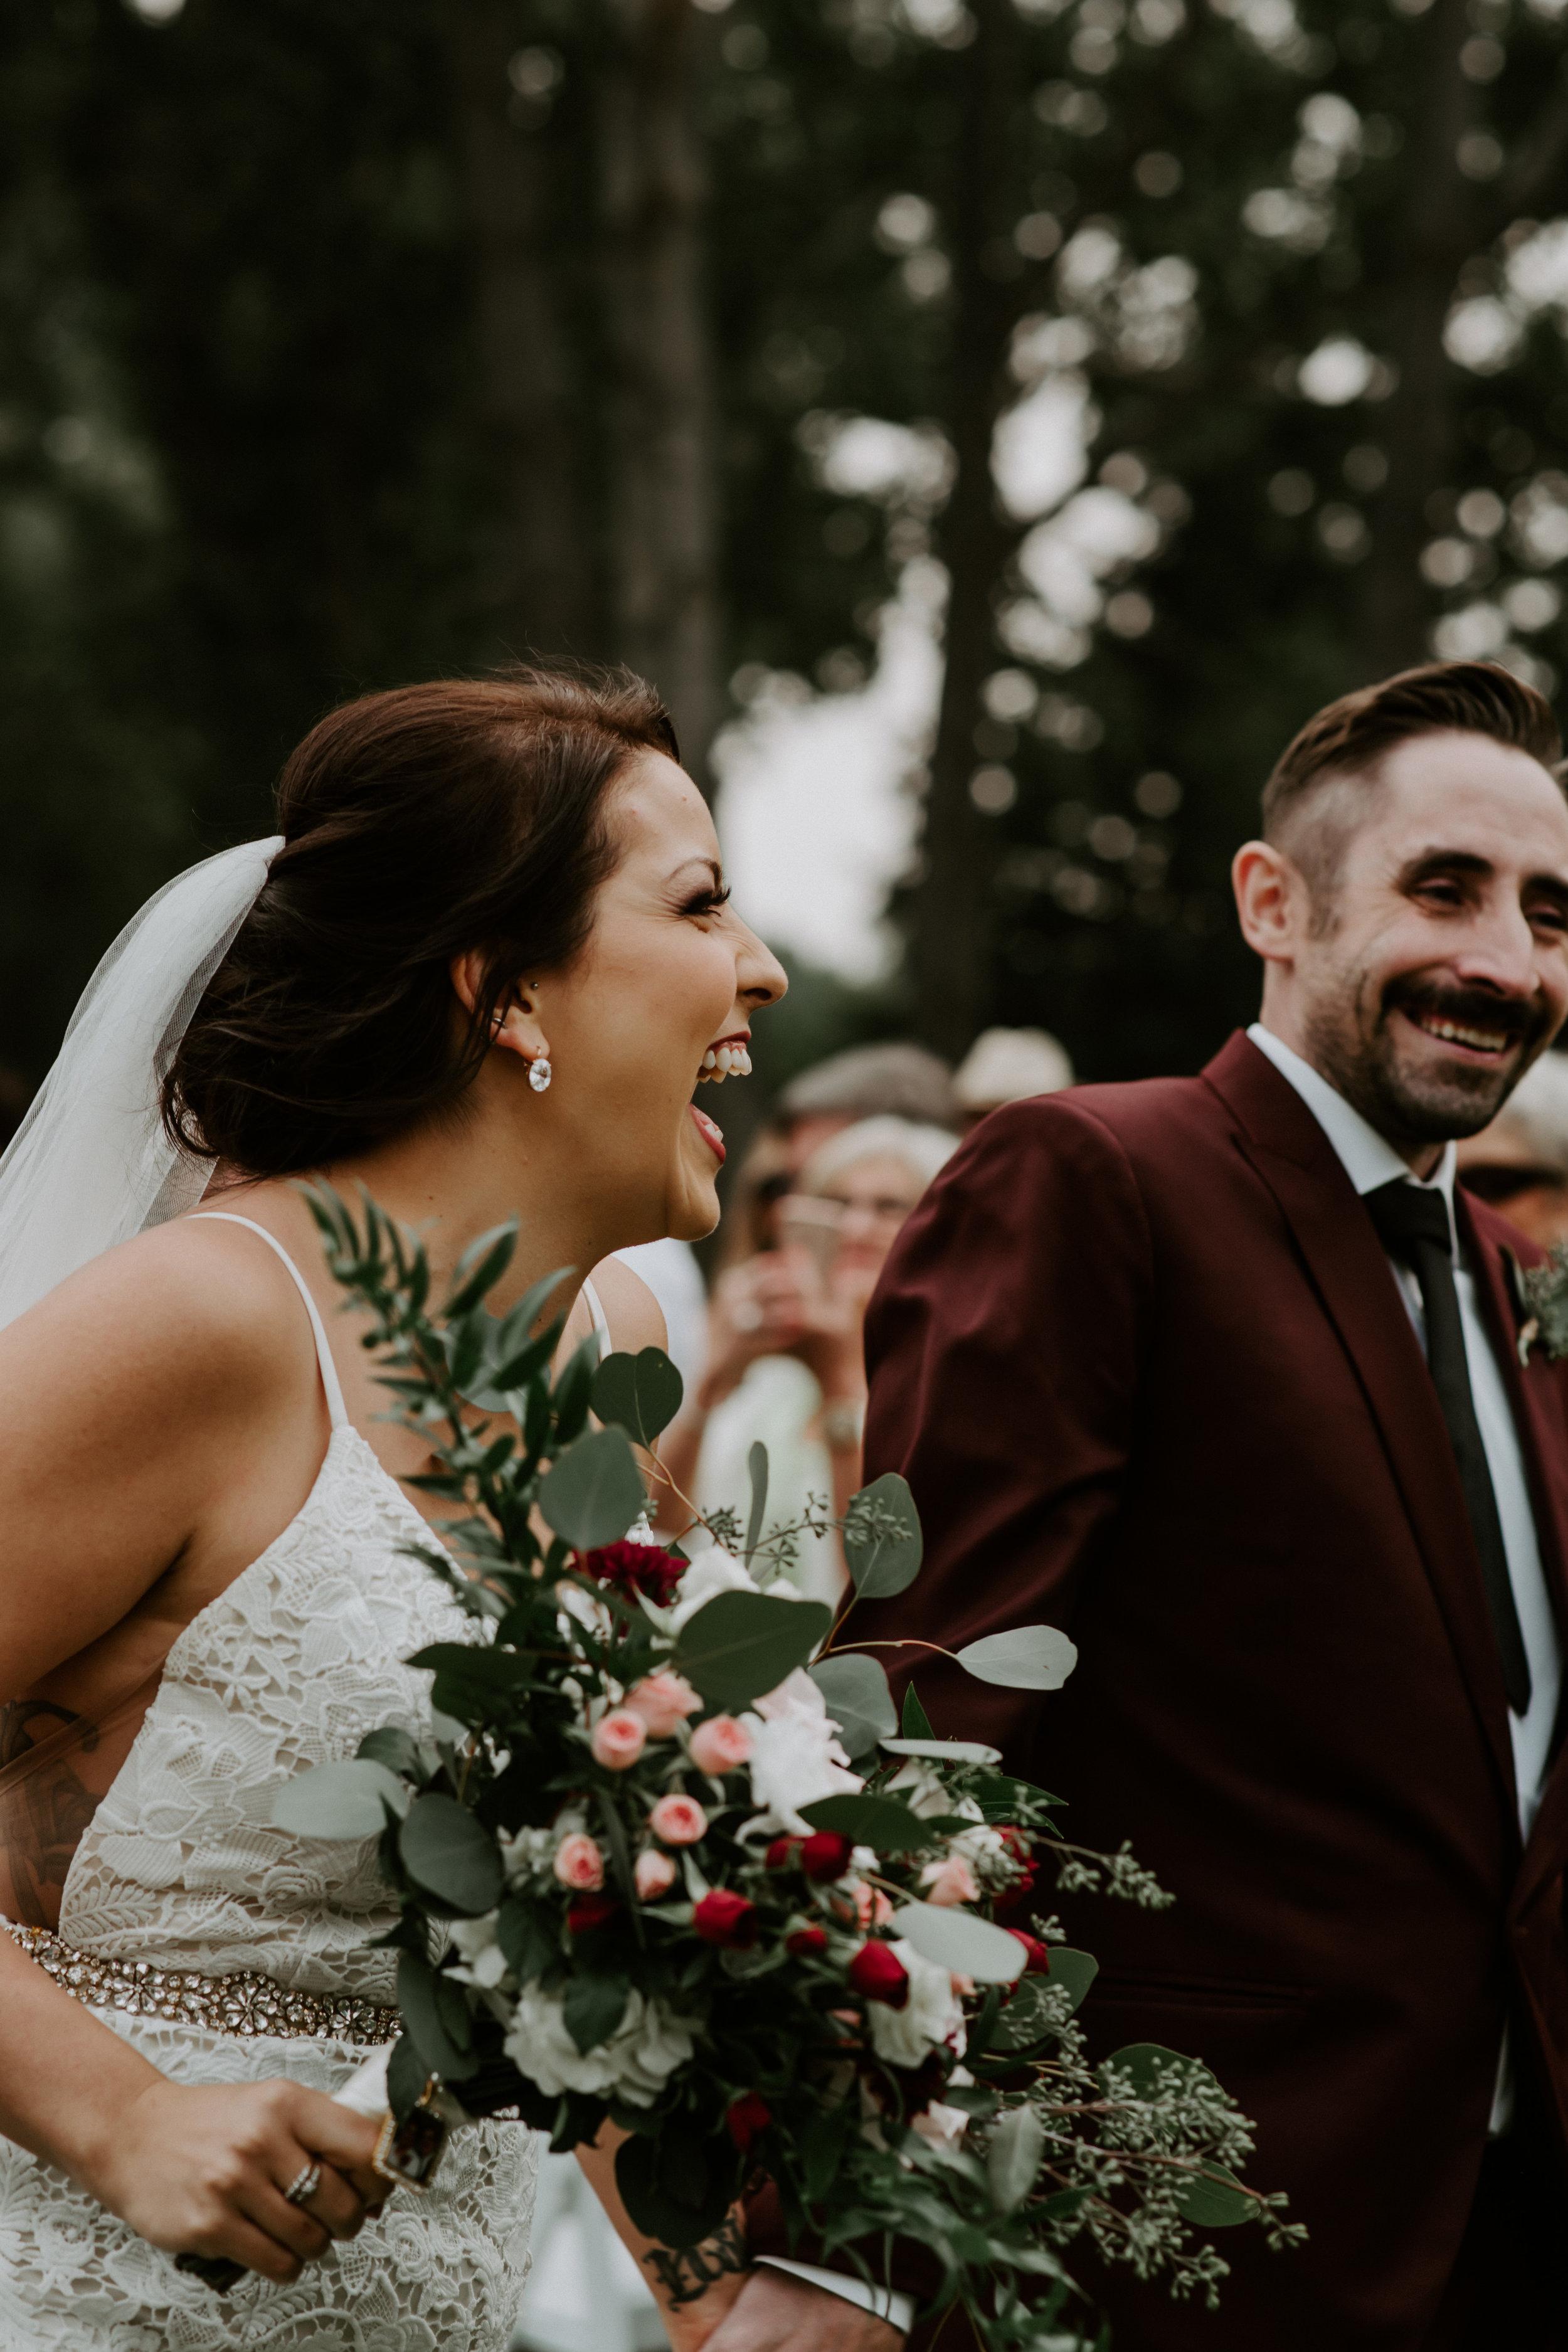 Calgary Wedding Photographer - 36 of 84.jpg